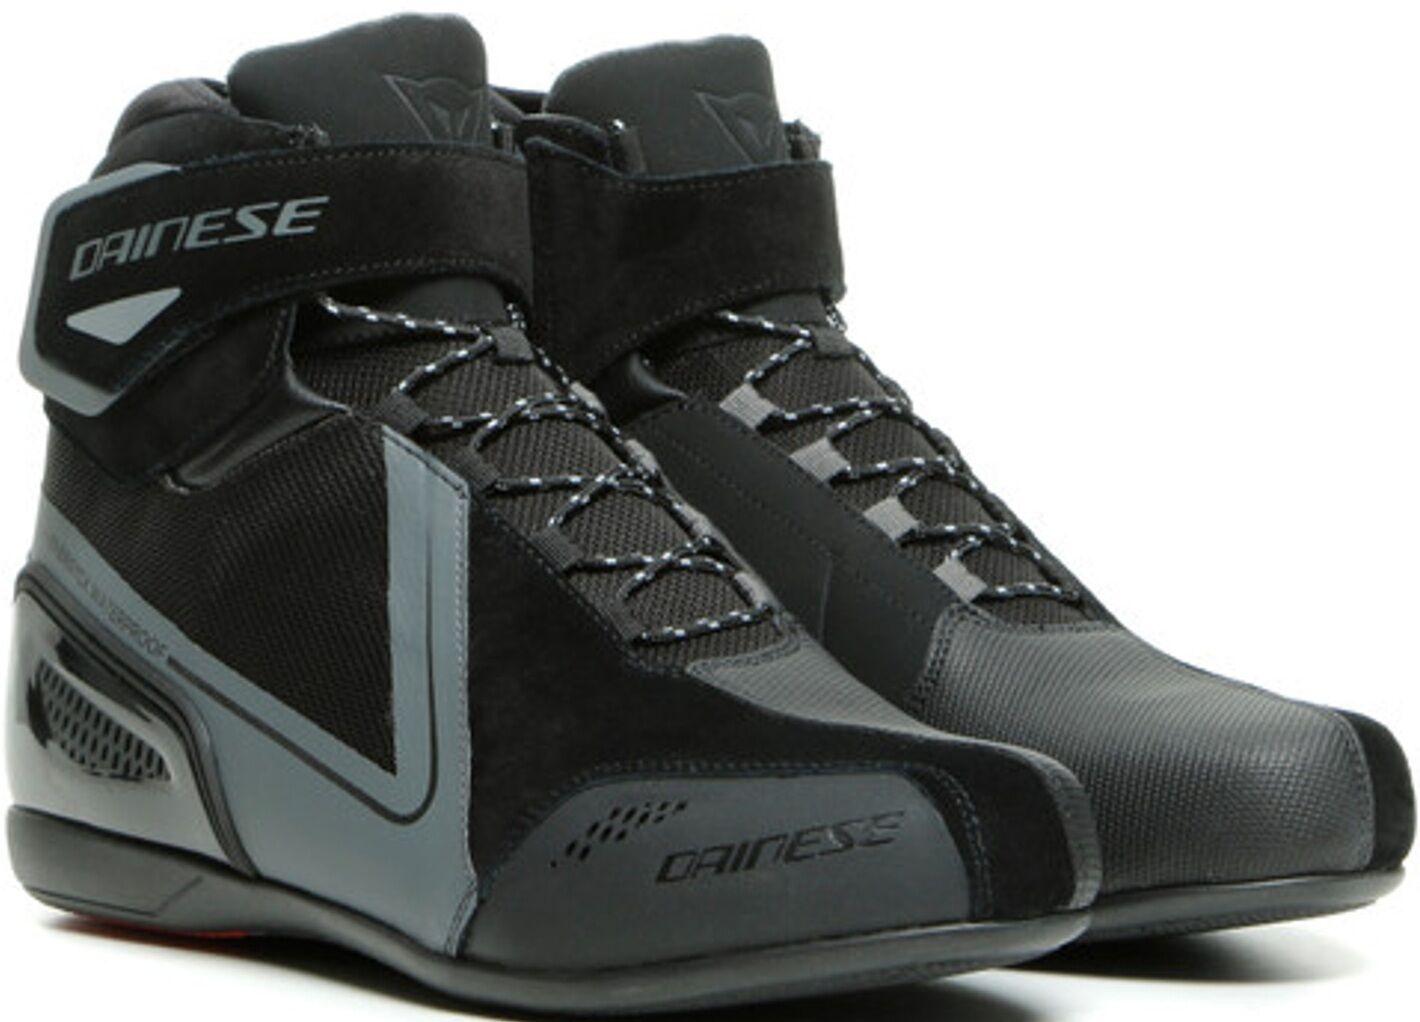 Dainese Energyca D-WP chaussures de moto imperméables à l'eau Noir Gris taille : 42